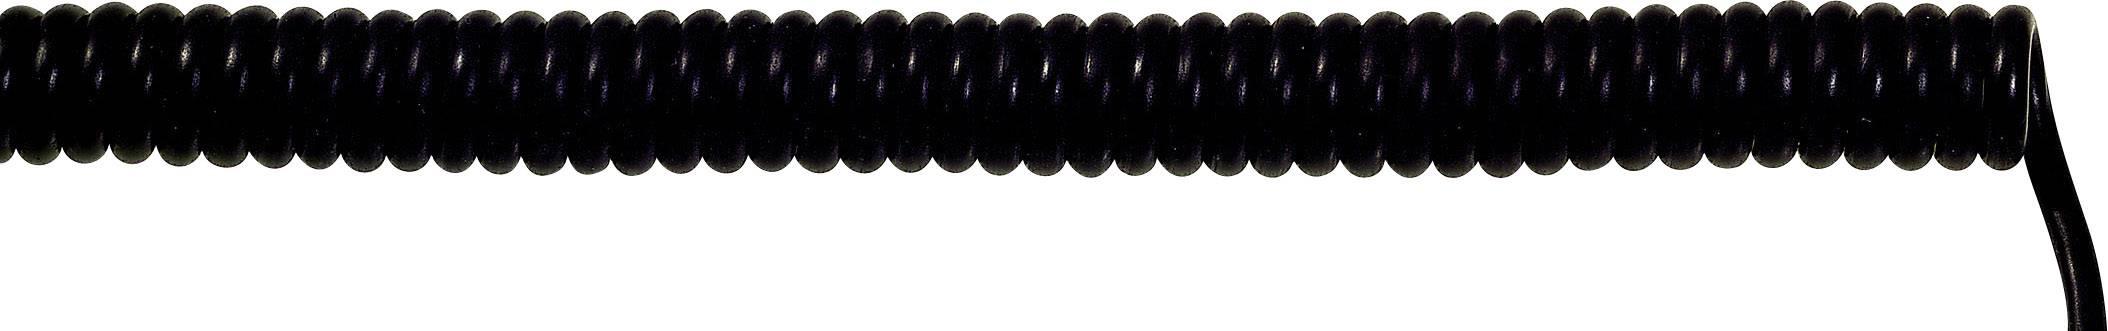 Špirálový kábel 73220210 UNITRONIC® SPIRAL 4 x 0.14 mm², 100 mm / 400 mm, čierna